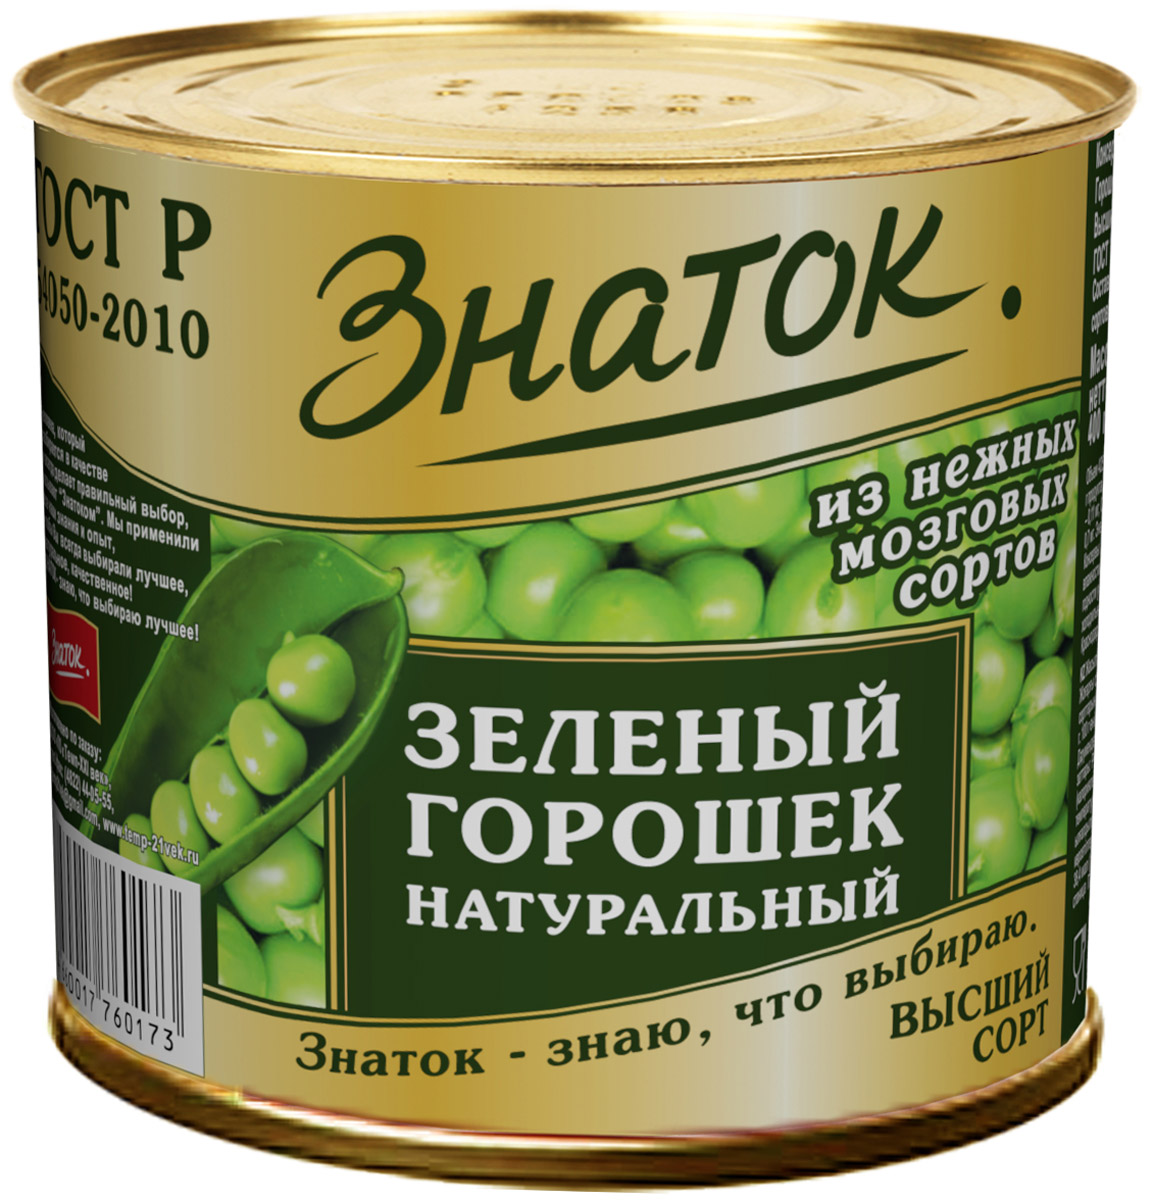 Знаток зеленый горошек консервированный, 425 г